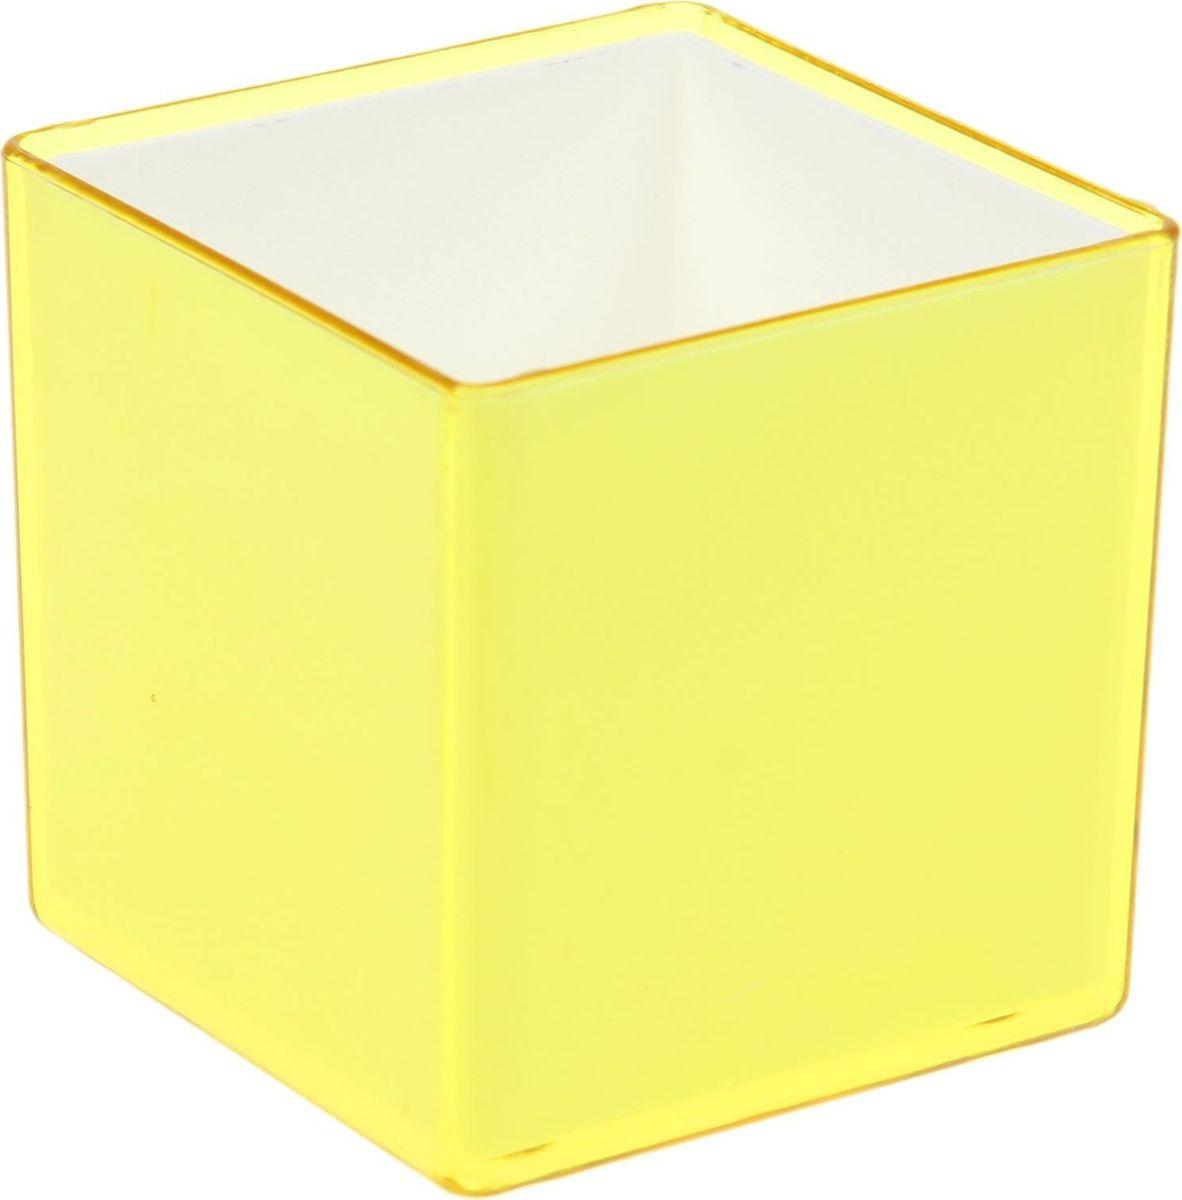 Кашпо JetPlast Мини куб, цвет: желтый, 160 мл1295399Традиционно горшки для цветов имели круглую форму, но сейчас набирают популярность квадратные и прямоугольные кашпо. Стильные и современные, они отлично впишутся в любой интерьер. Особенно эффектно такие изделия будут смотреться там, где преобладают четкие линии и простые формы.Кашпо JetPlast Мини куб — это миниатюрный горшок, который дополнит интерьер и внесет в него изюминку. Объем в 160 мл рассчитан под рассаду карликовых растений. Вы сможете поставить его на рабочий стол, полку или же подоконник. Модель JetPlast Мини куб имеет ряд особенностей:- вставка, позволяет ухаживать за горшком без повреждения покрытия, - малый вес и компактность, - при производстве используется только безопасный пластик.